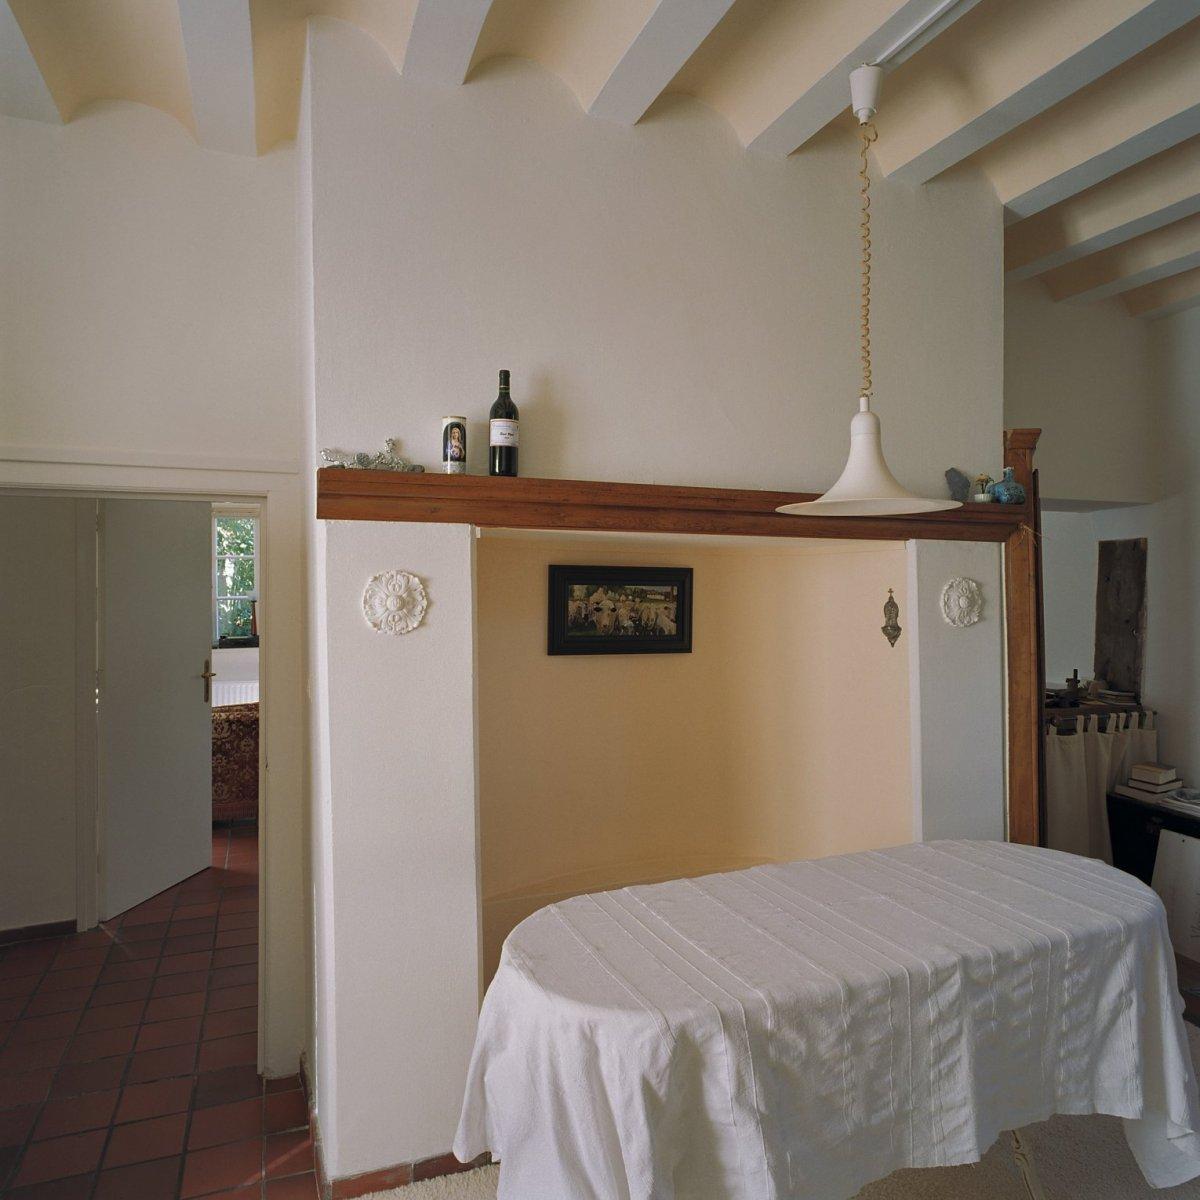 ... overzicht woonkamer met balken plafond - Schinnen - 20356029 - RCE.jpg